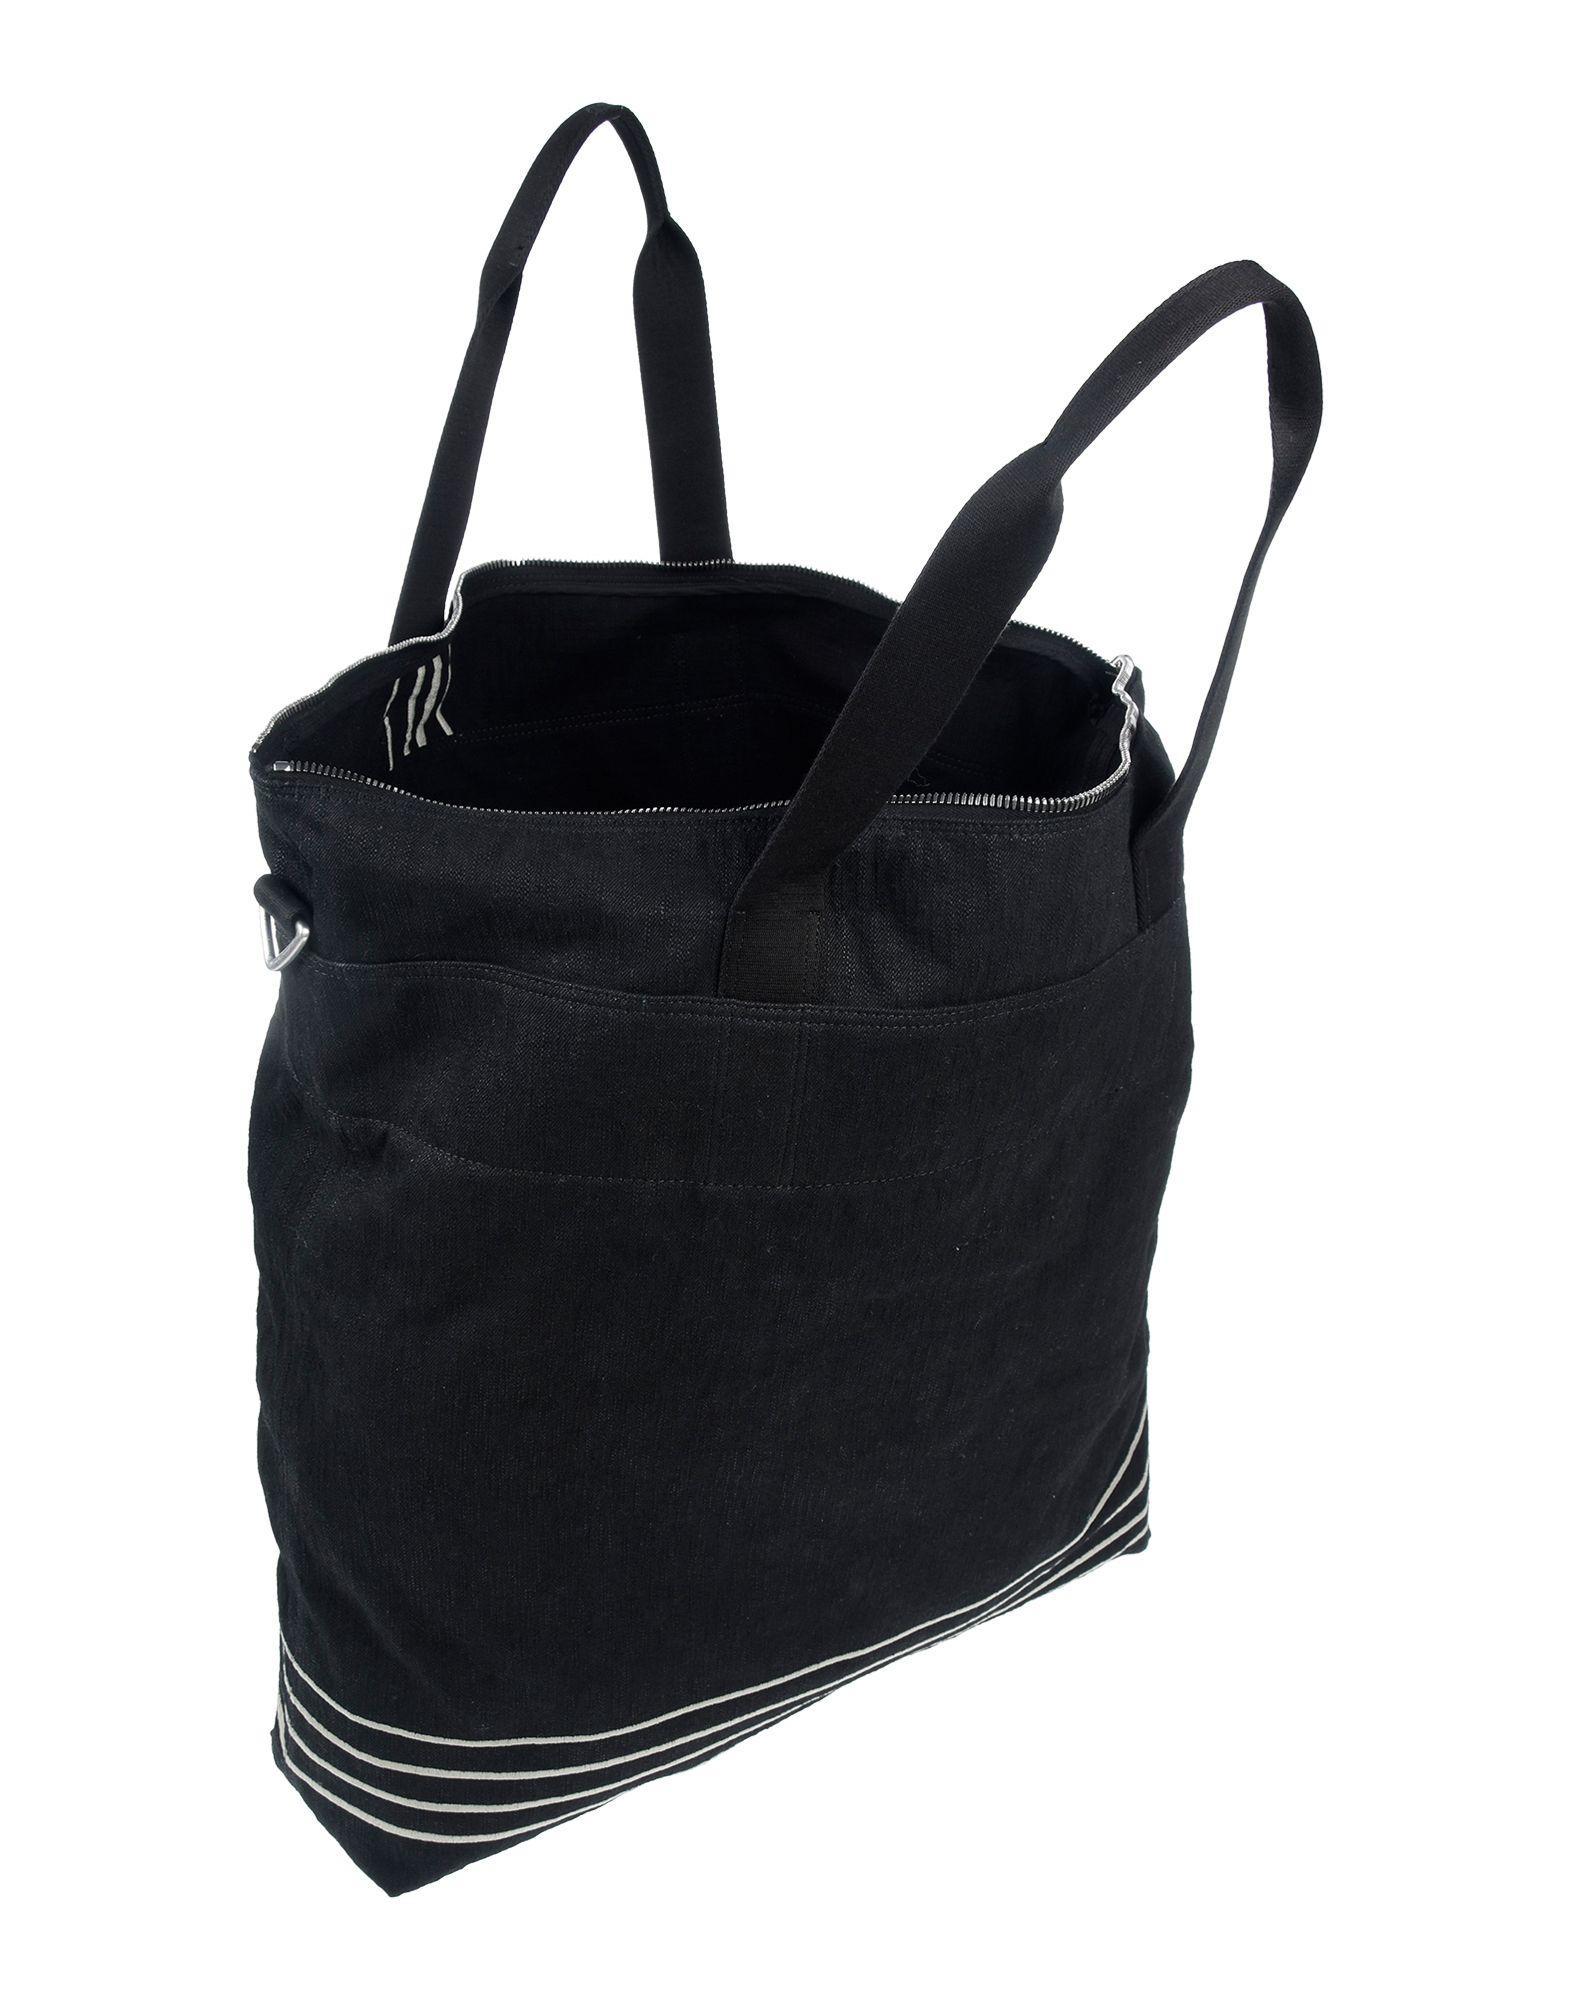 Drkshdw By Rick Owens Handbag in Black for Men - Lyst a939ff7079ef1